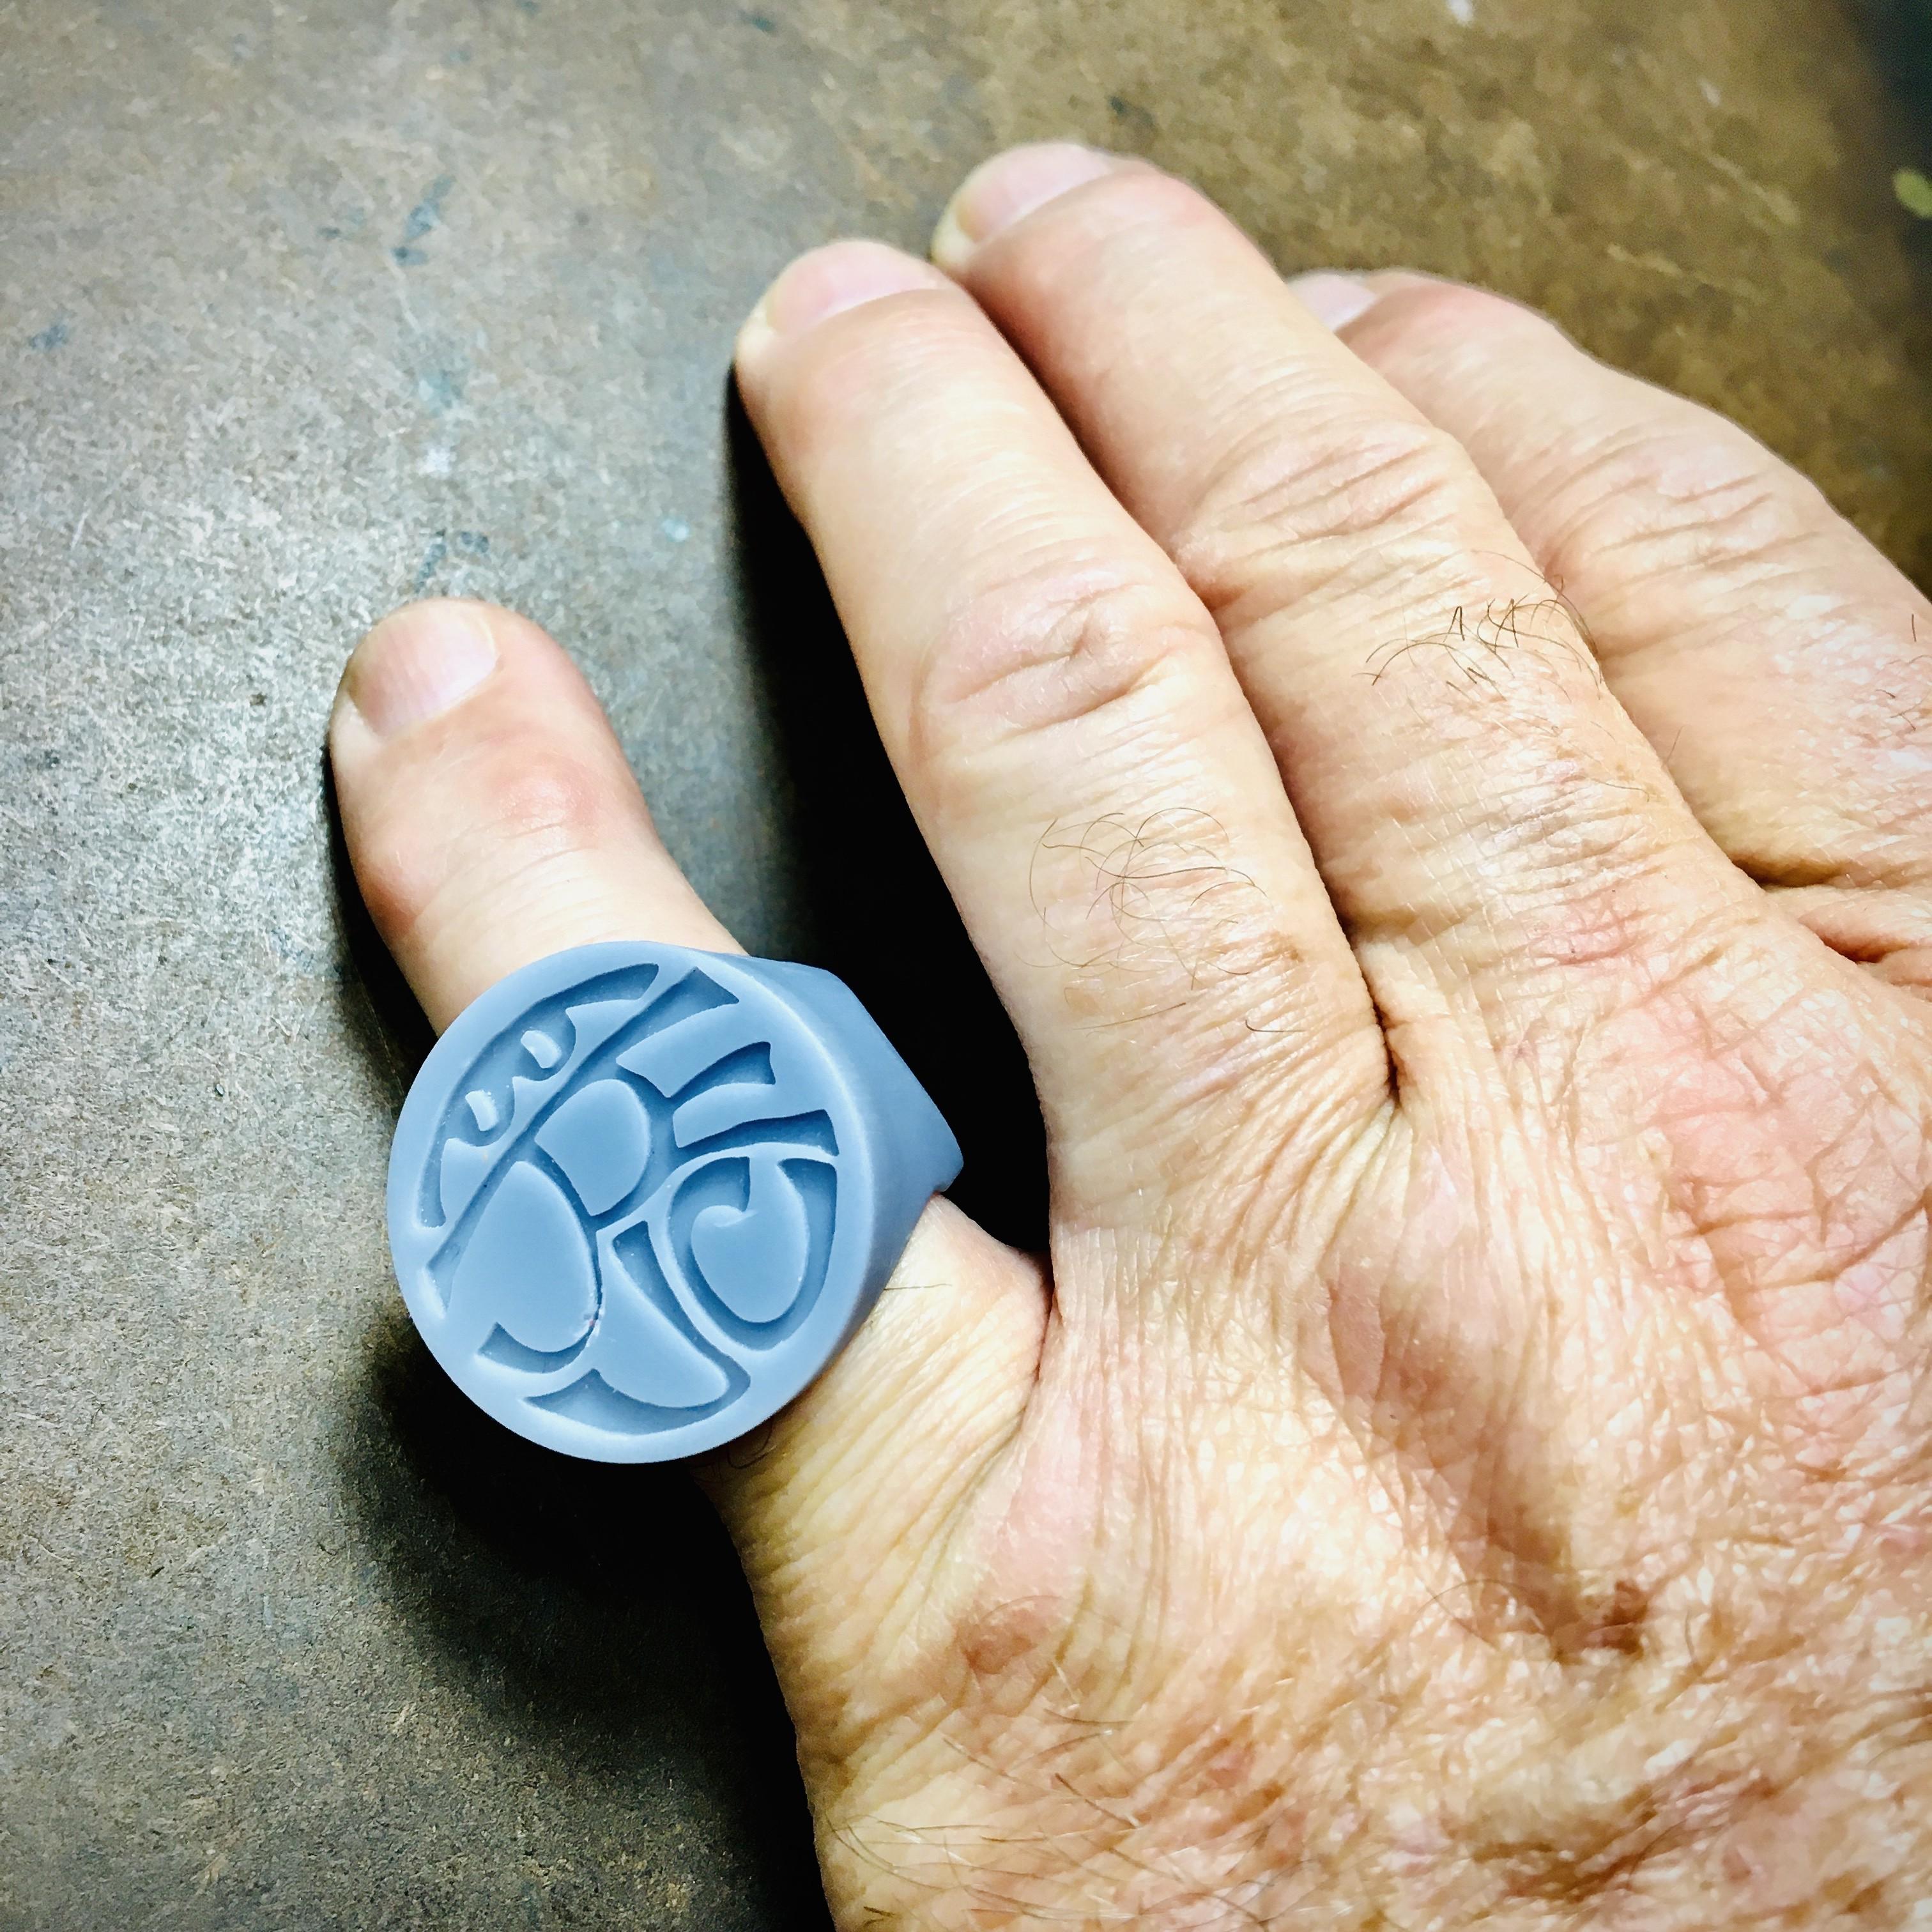 Resin Printed Insignia Ring